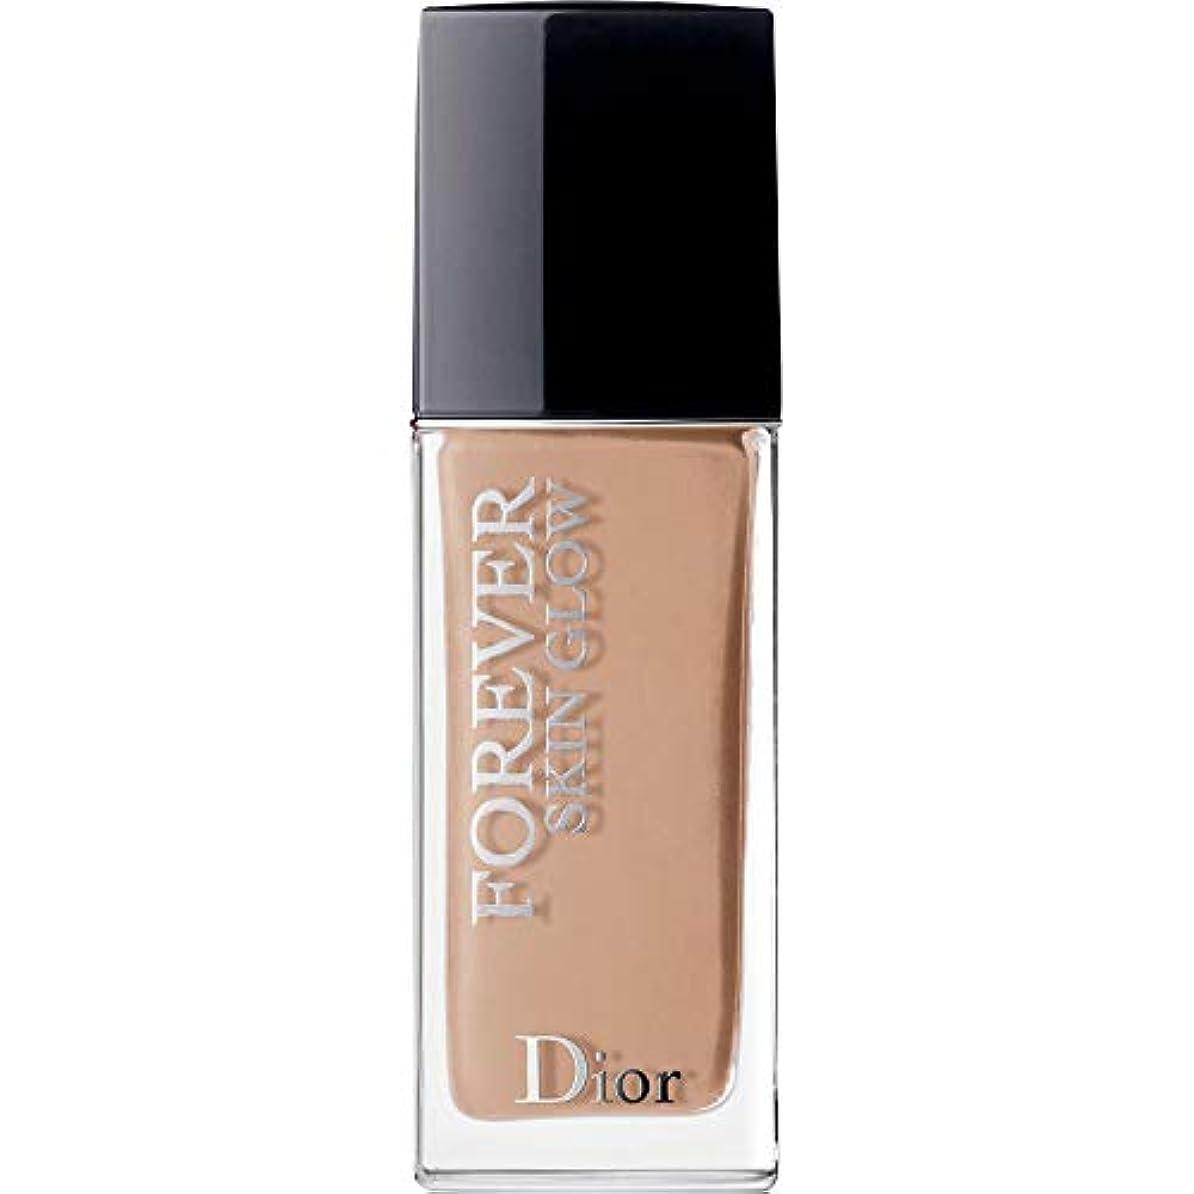 章オリエンテーションモッキンバード[Dior ] ディオール永遠に皮膚グロー皮膚思いやりの基礎Spf35 30ミリリットル4Cを - クール(肌の輝き) - DIOR Forever Skin Glow Skin-Caring Foundation SPF35...